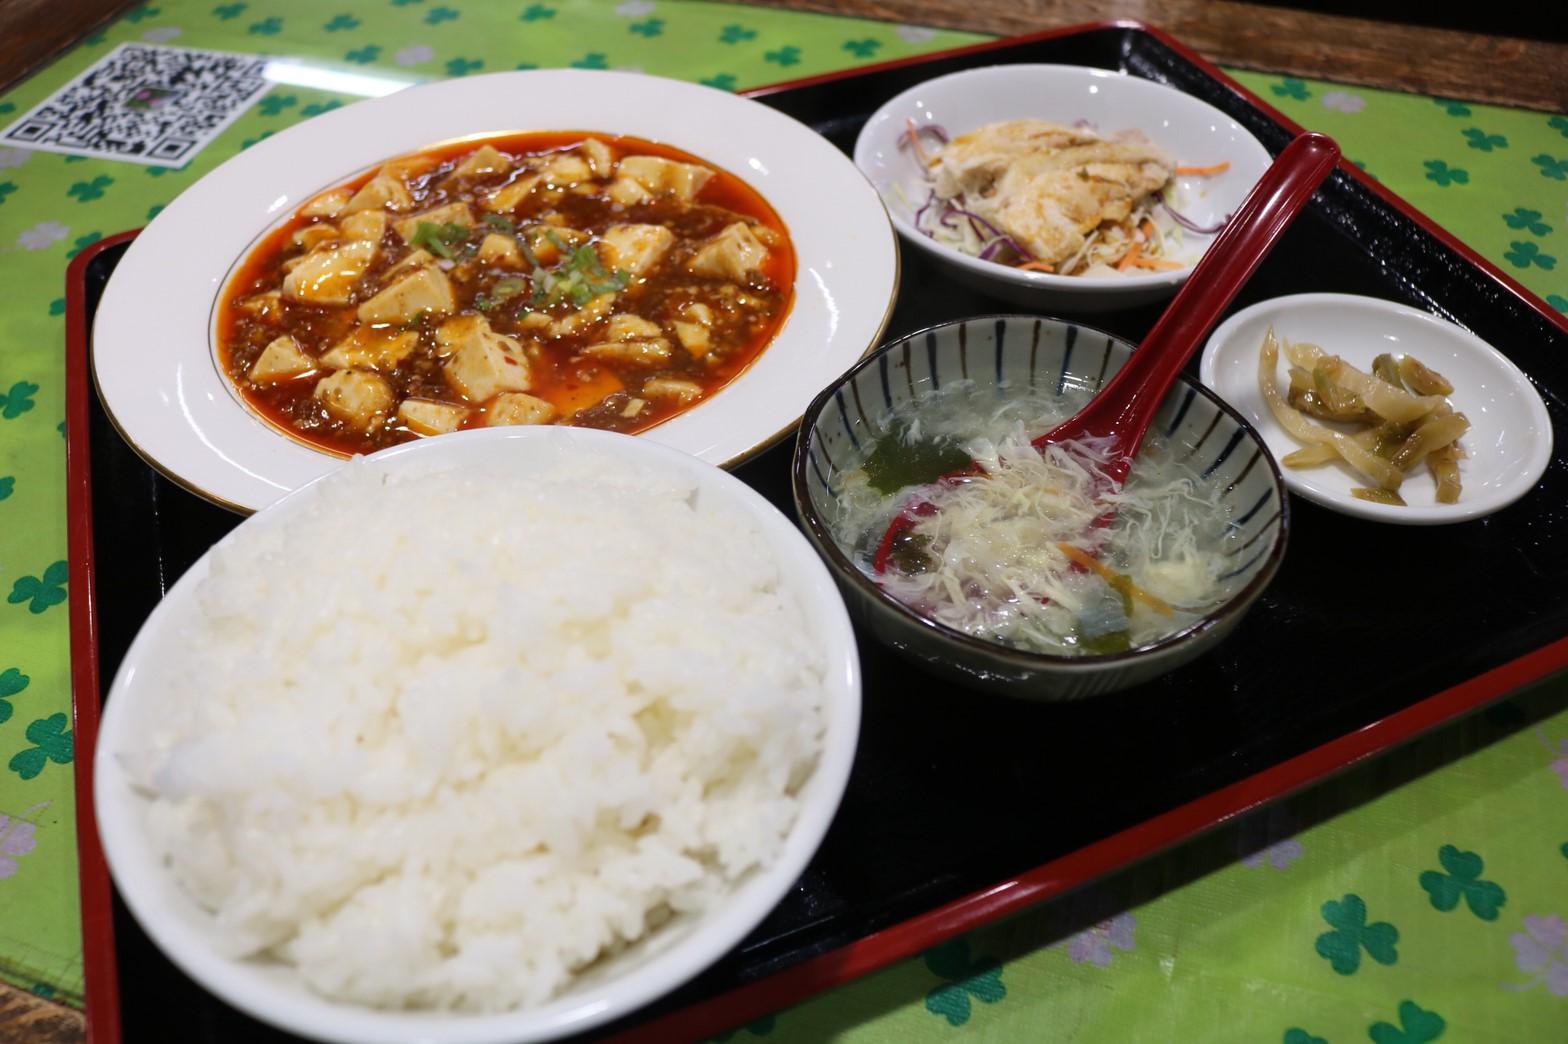 マーボー 豆腐 漢字